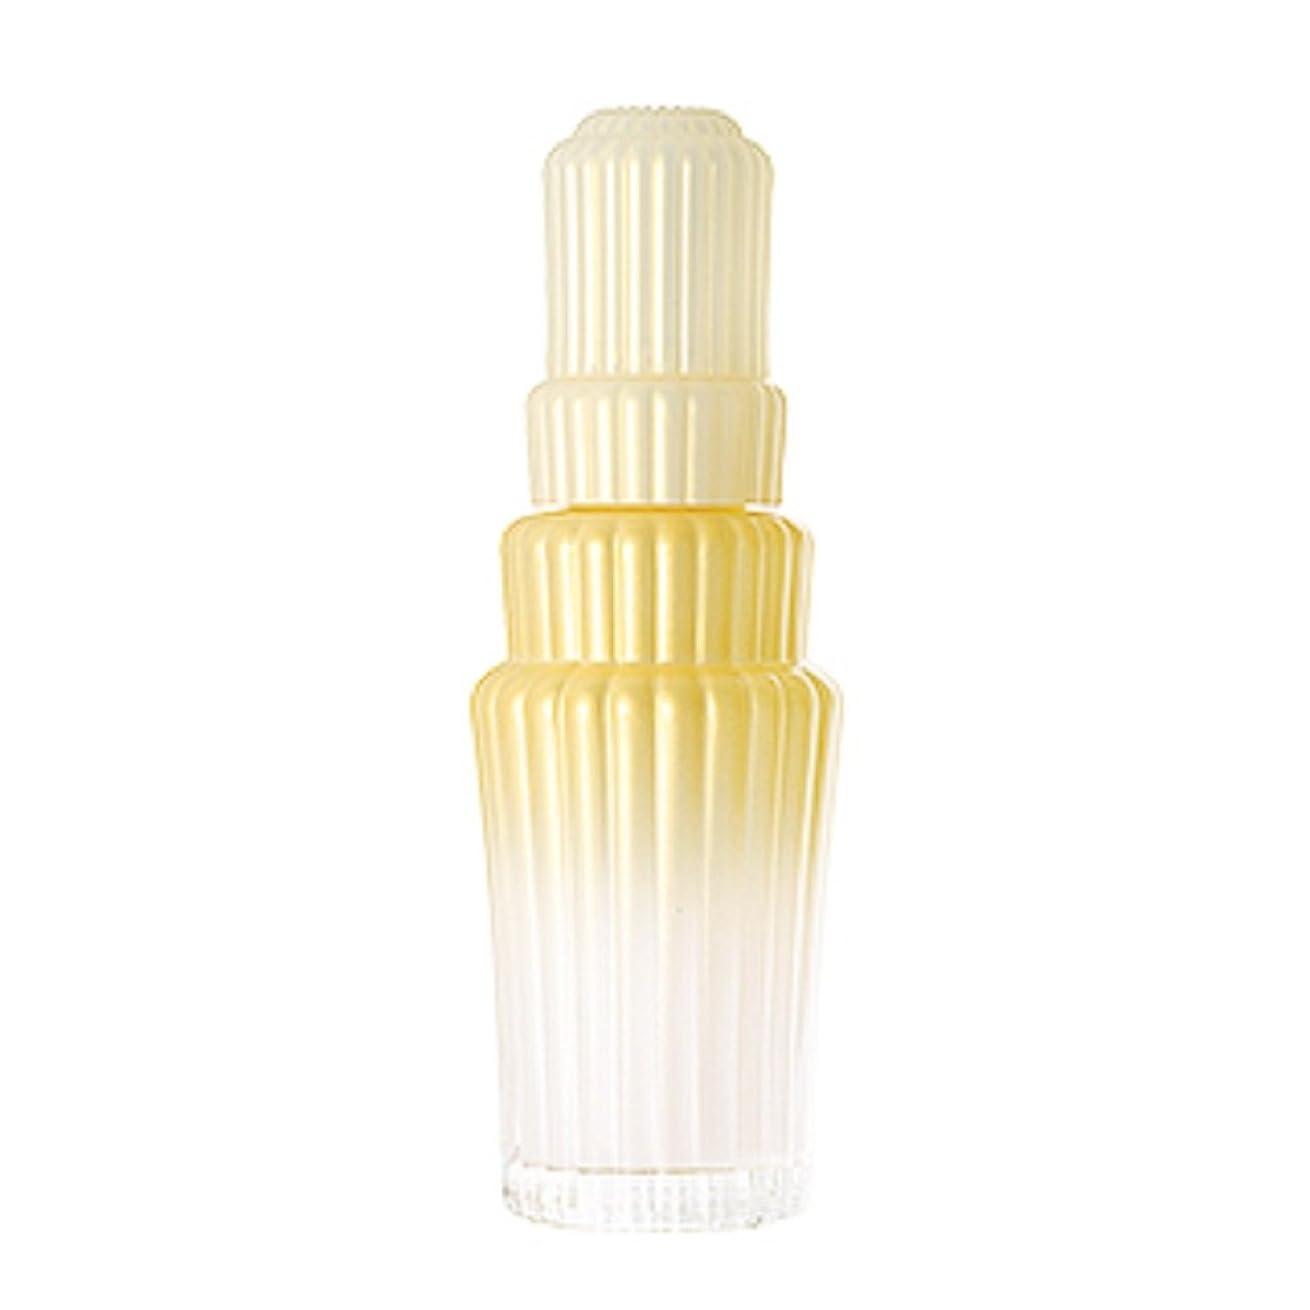 抜粋小売隣接するアユーラ (AYURA) モイスチャライジングプライマー オーバードライ W (医薬部外品) 100mL 〈美白化粧液〉 濃密乾燥ケア うるおい アロマティックハーブの香り